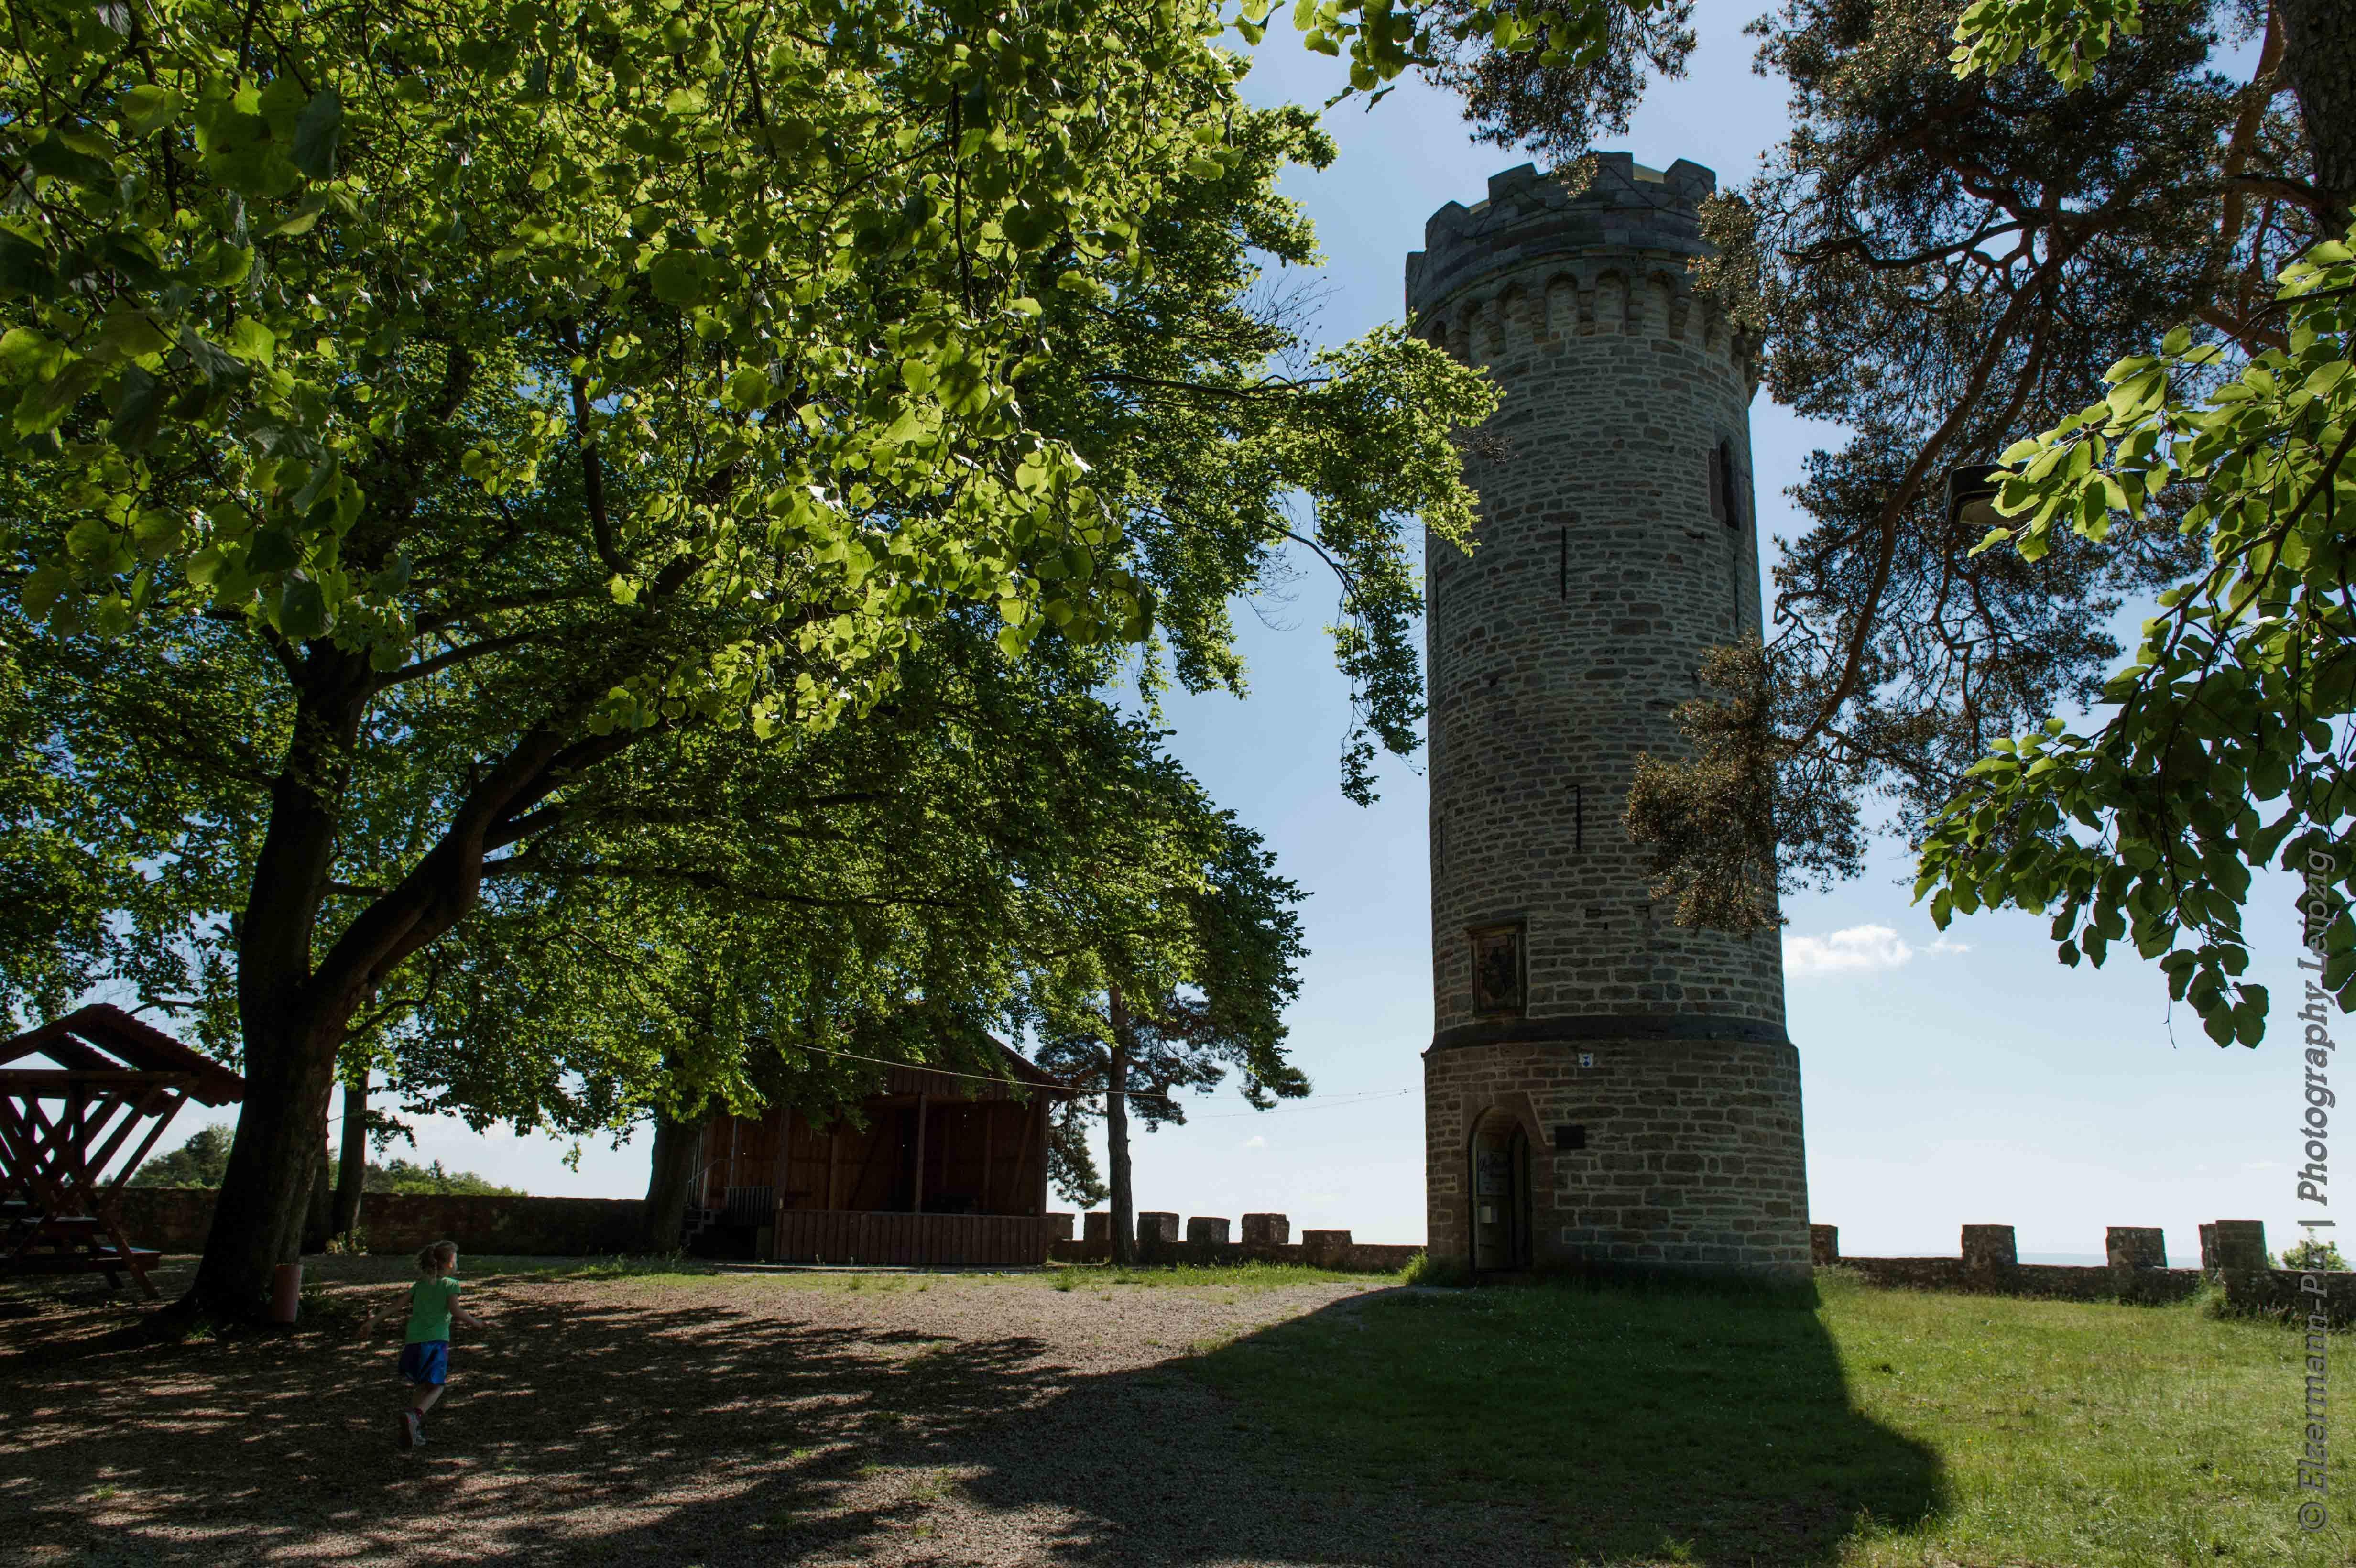 ... und besuchen Sehenswürdigkeiten in der Umgebung und in ganz Thüringen.